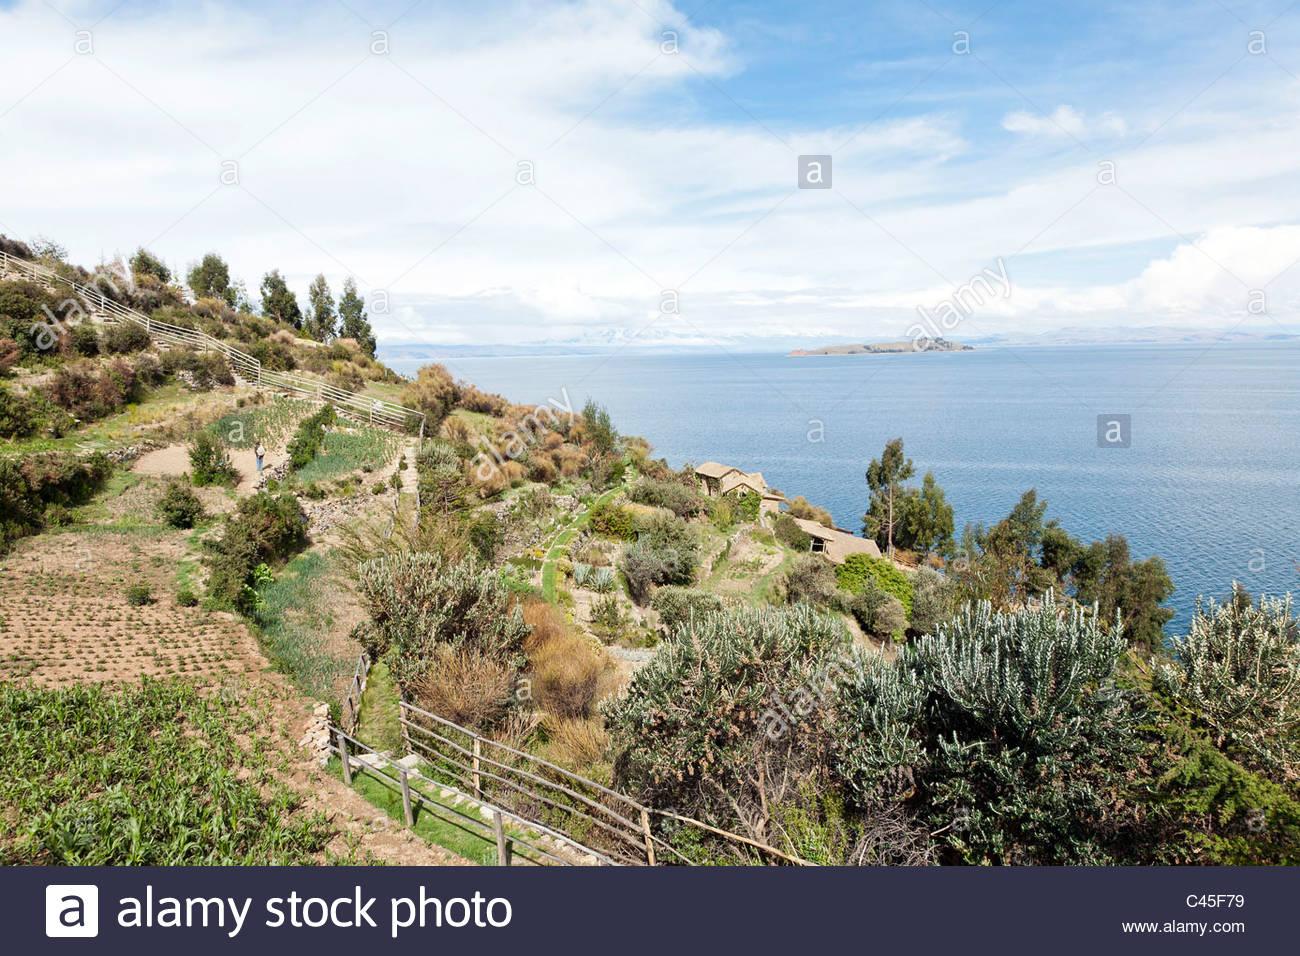 View of small farm on Isla del Sol with Isla de la Luna, the Cordillera Real and Lake Titicaca in background. - Stock Image